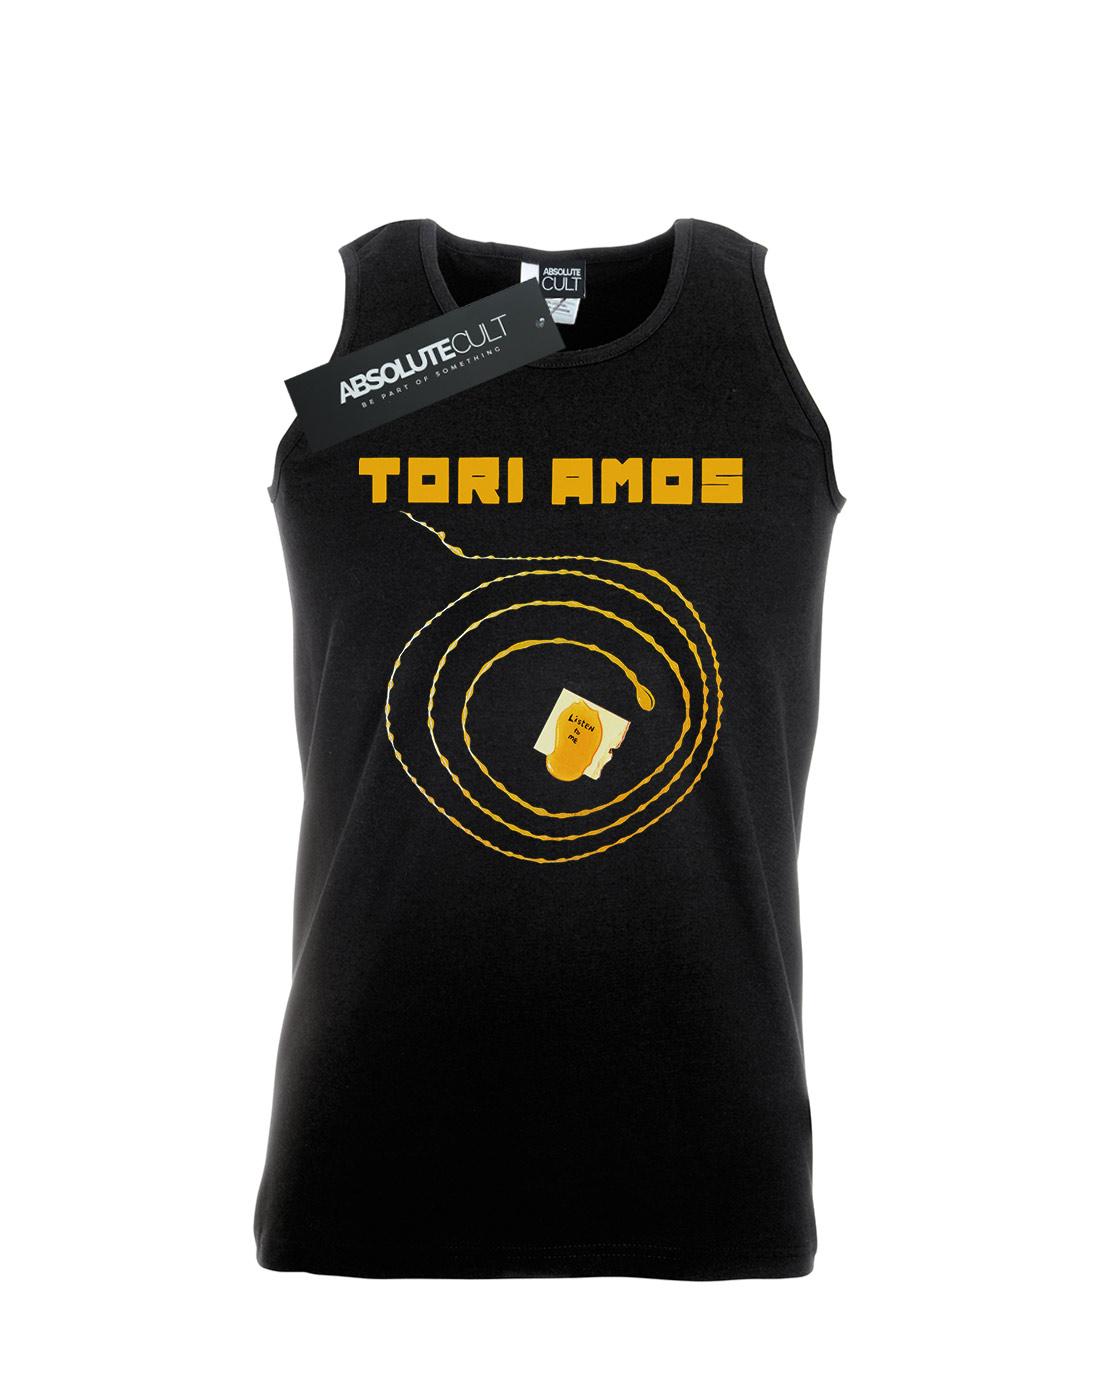 Tori-Amos-Hombre-Listen-To-Me-Camiseta-Sin-Mangas